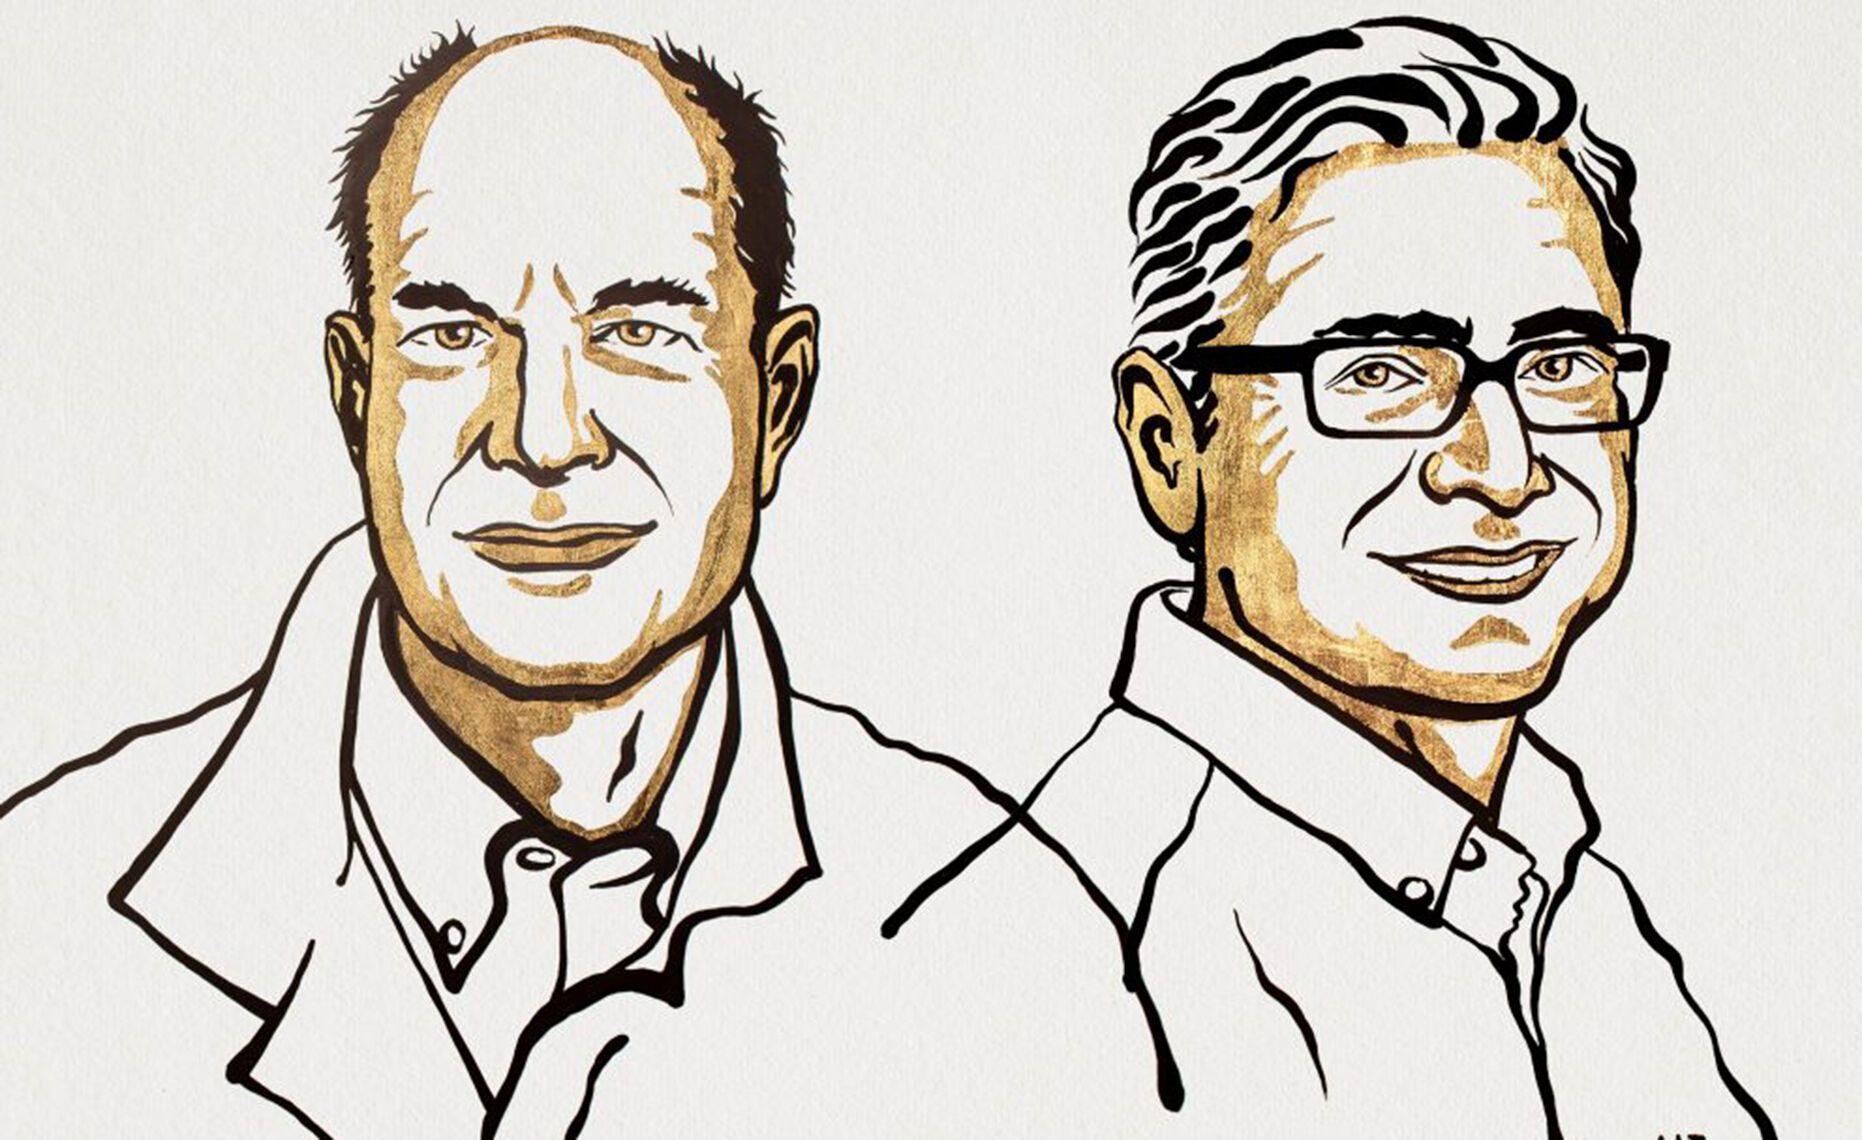 Определены лауреаты Нобелевской премии в области физиологии и медицины